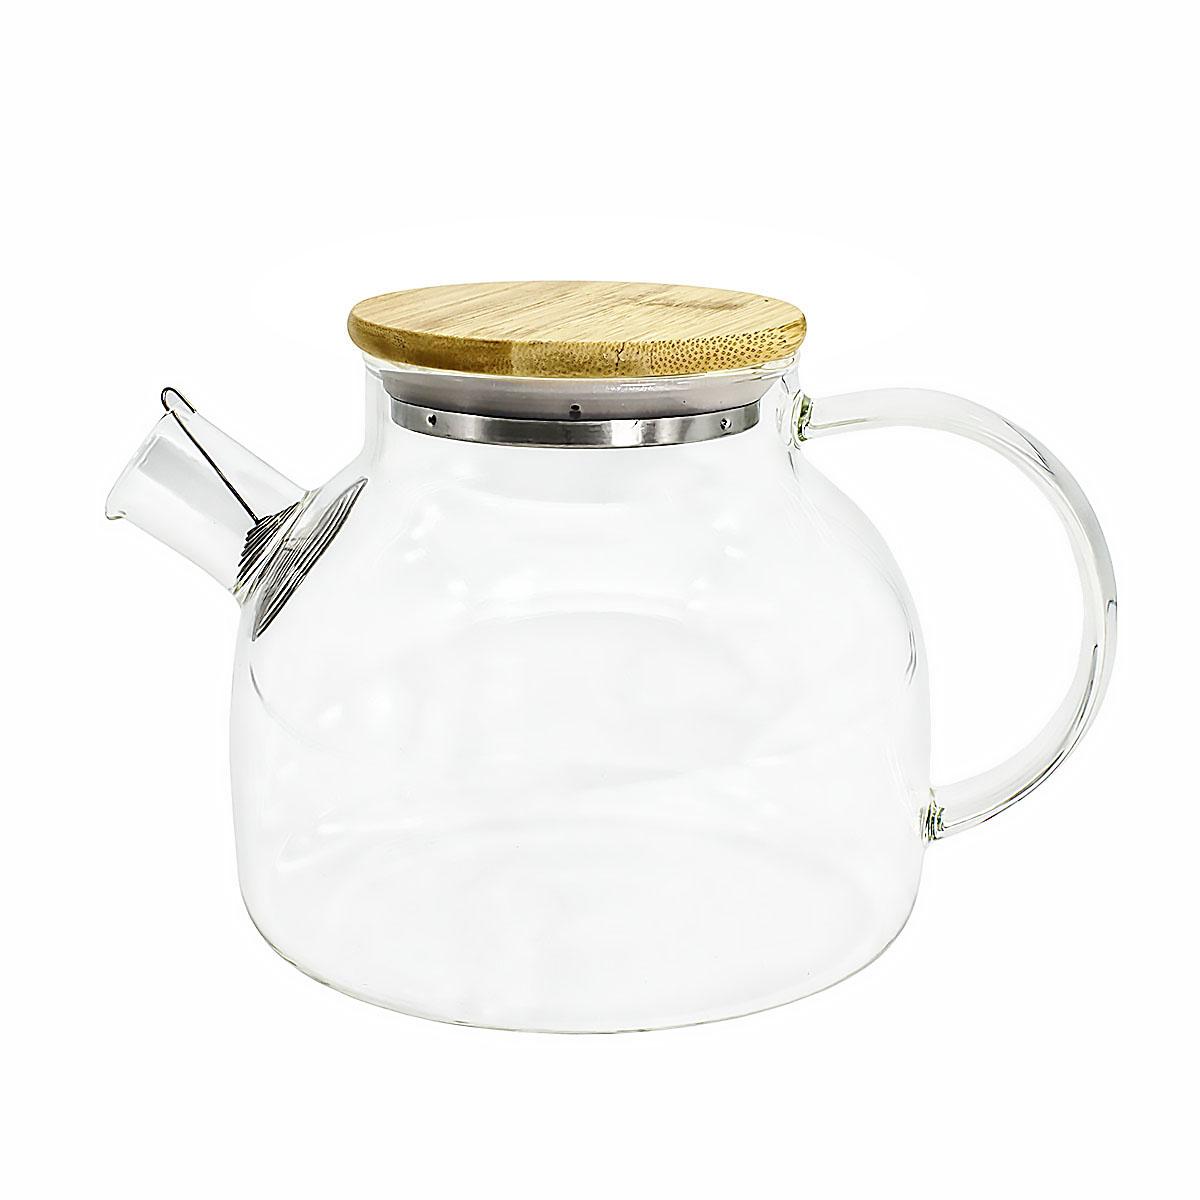 Чайник из жаропрочного стекла Бочонок, 500 мл чайник заварочный queen ruby с фильтром 500 мл qr 6039